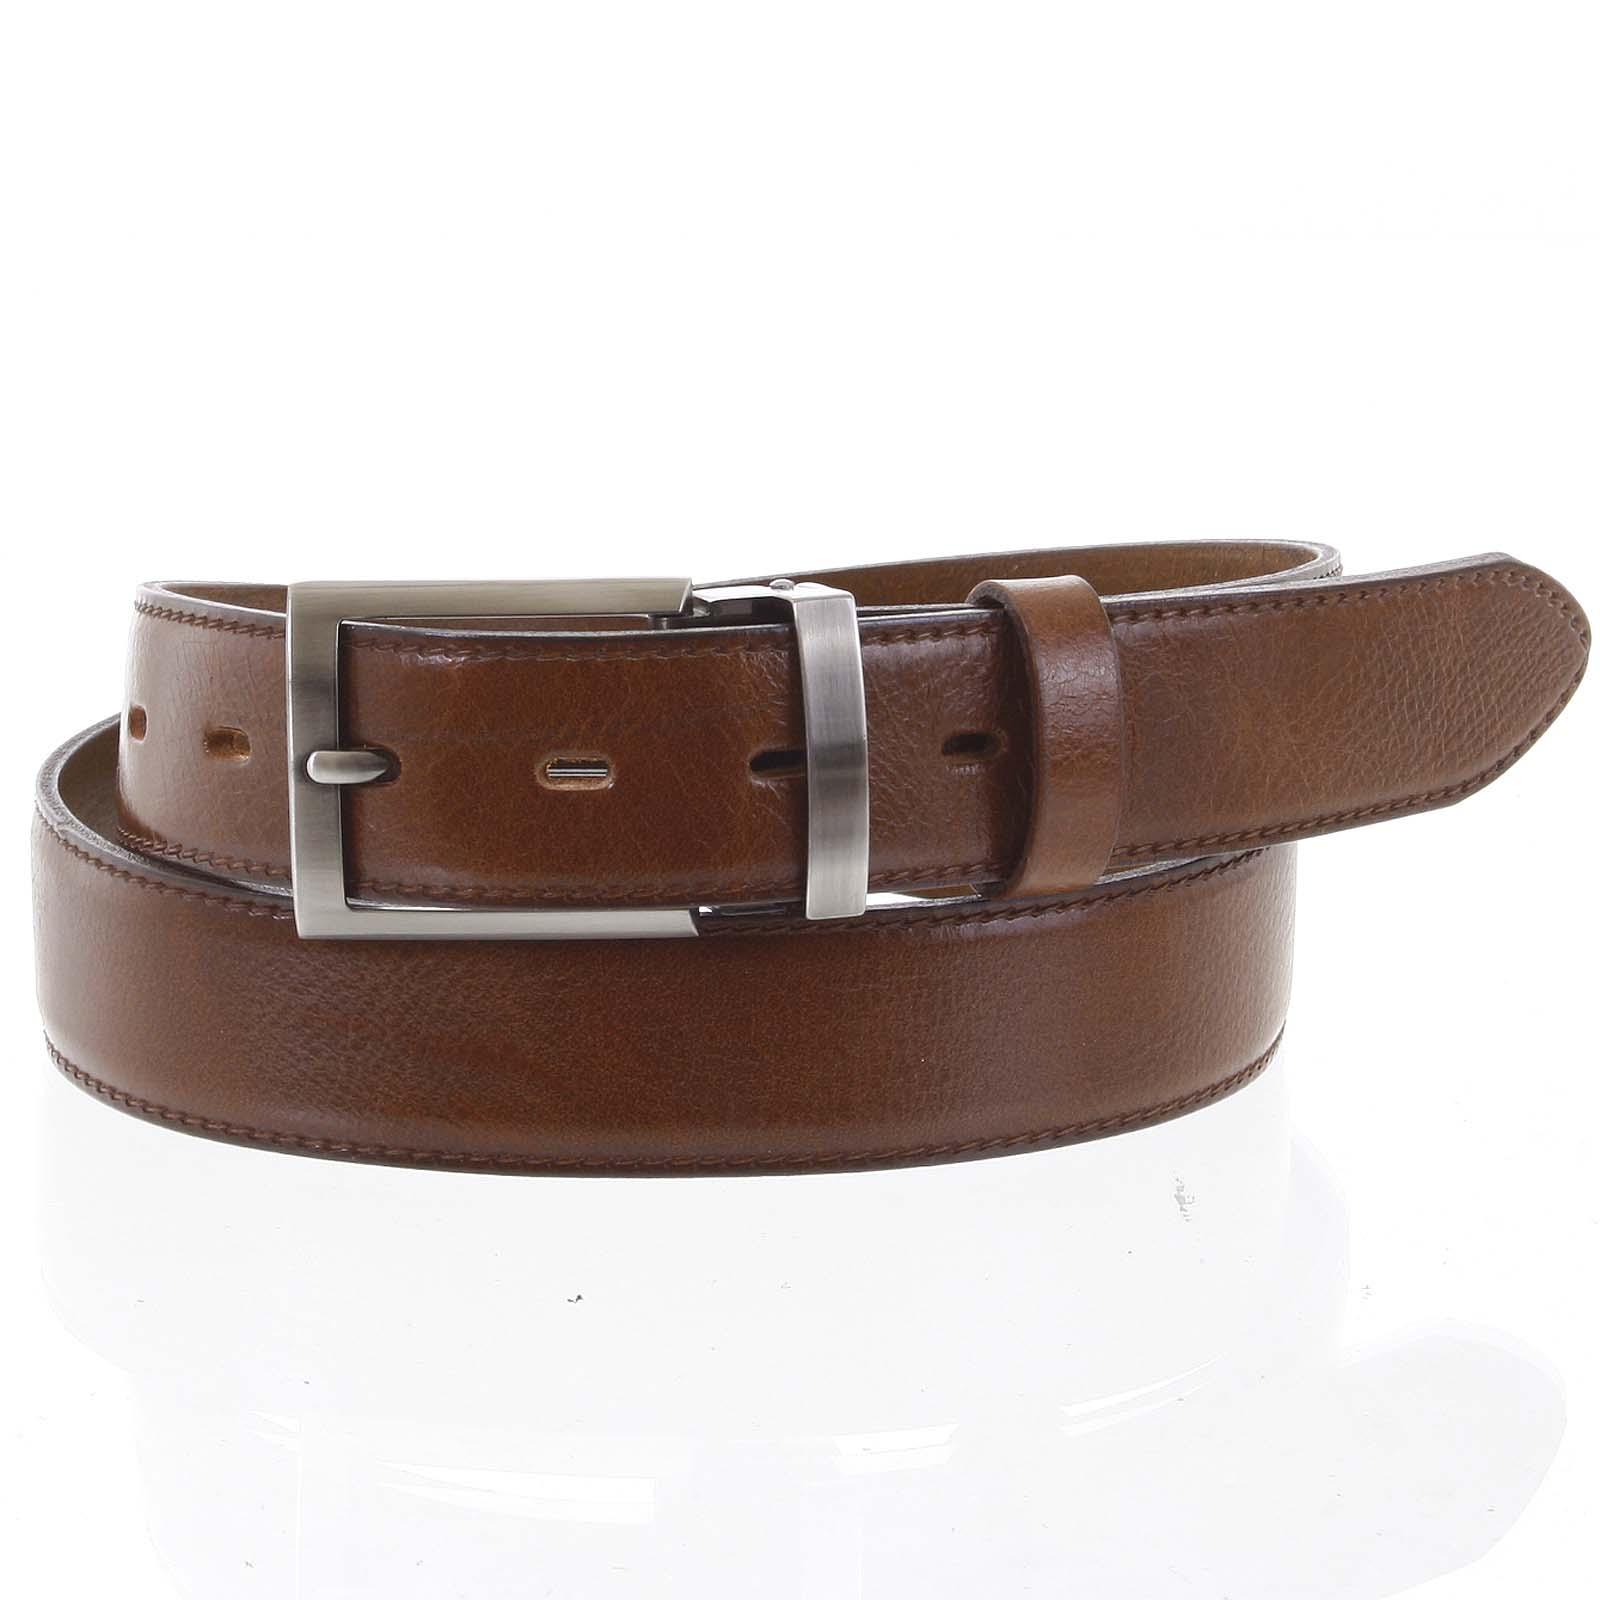 Pánsky kožený opasok oblekový hnedý - PB Reph 95